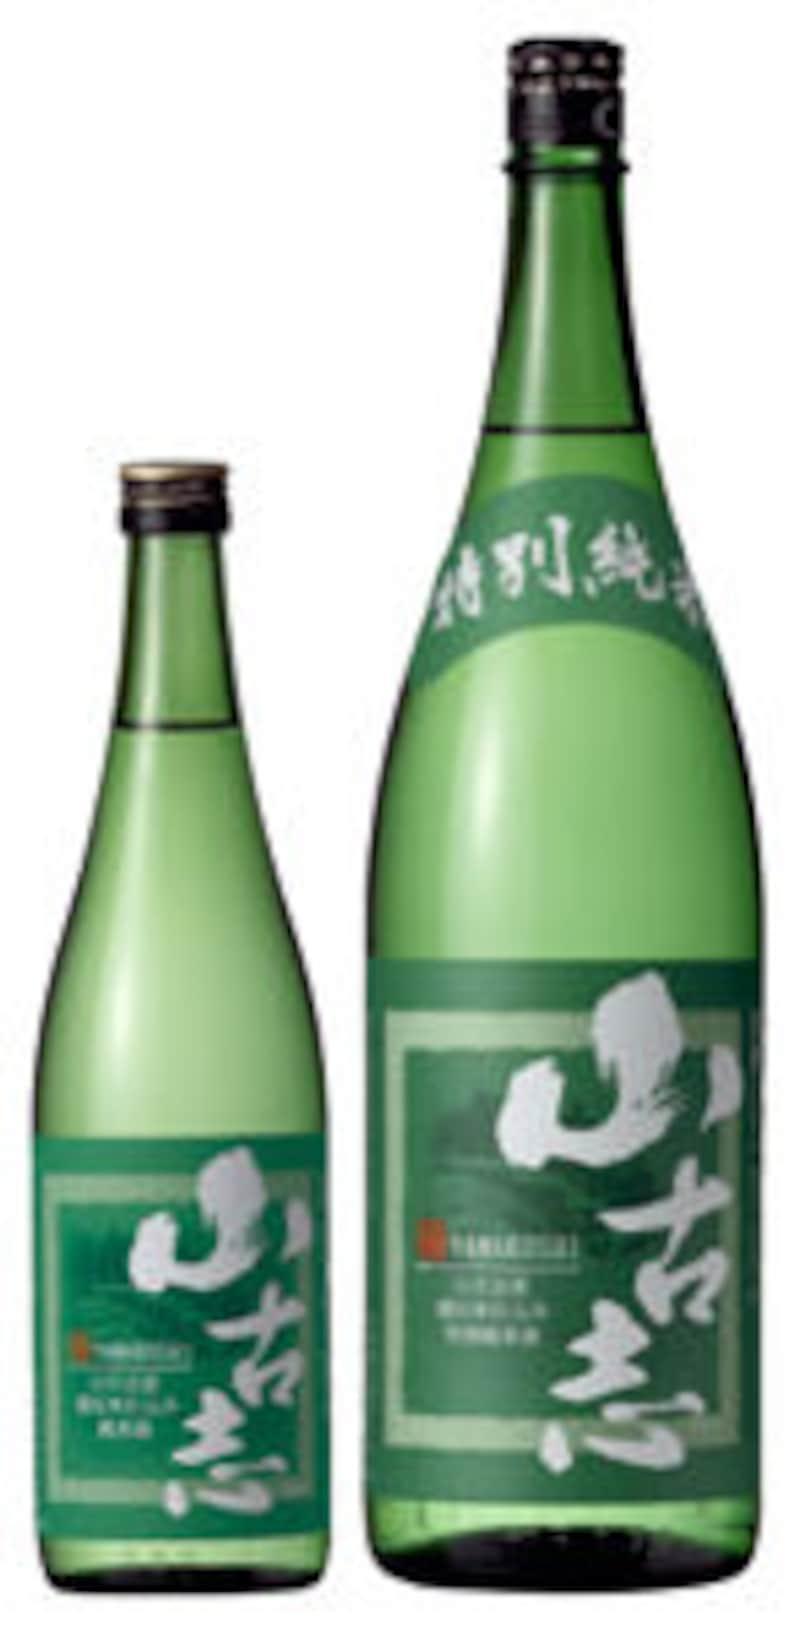 棚田米仕込み 特別純米酒  山古志